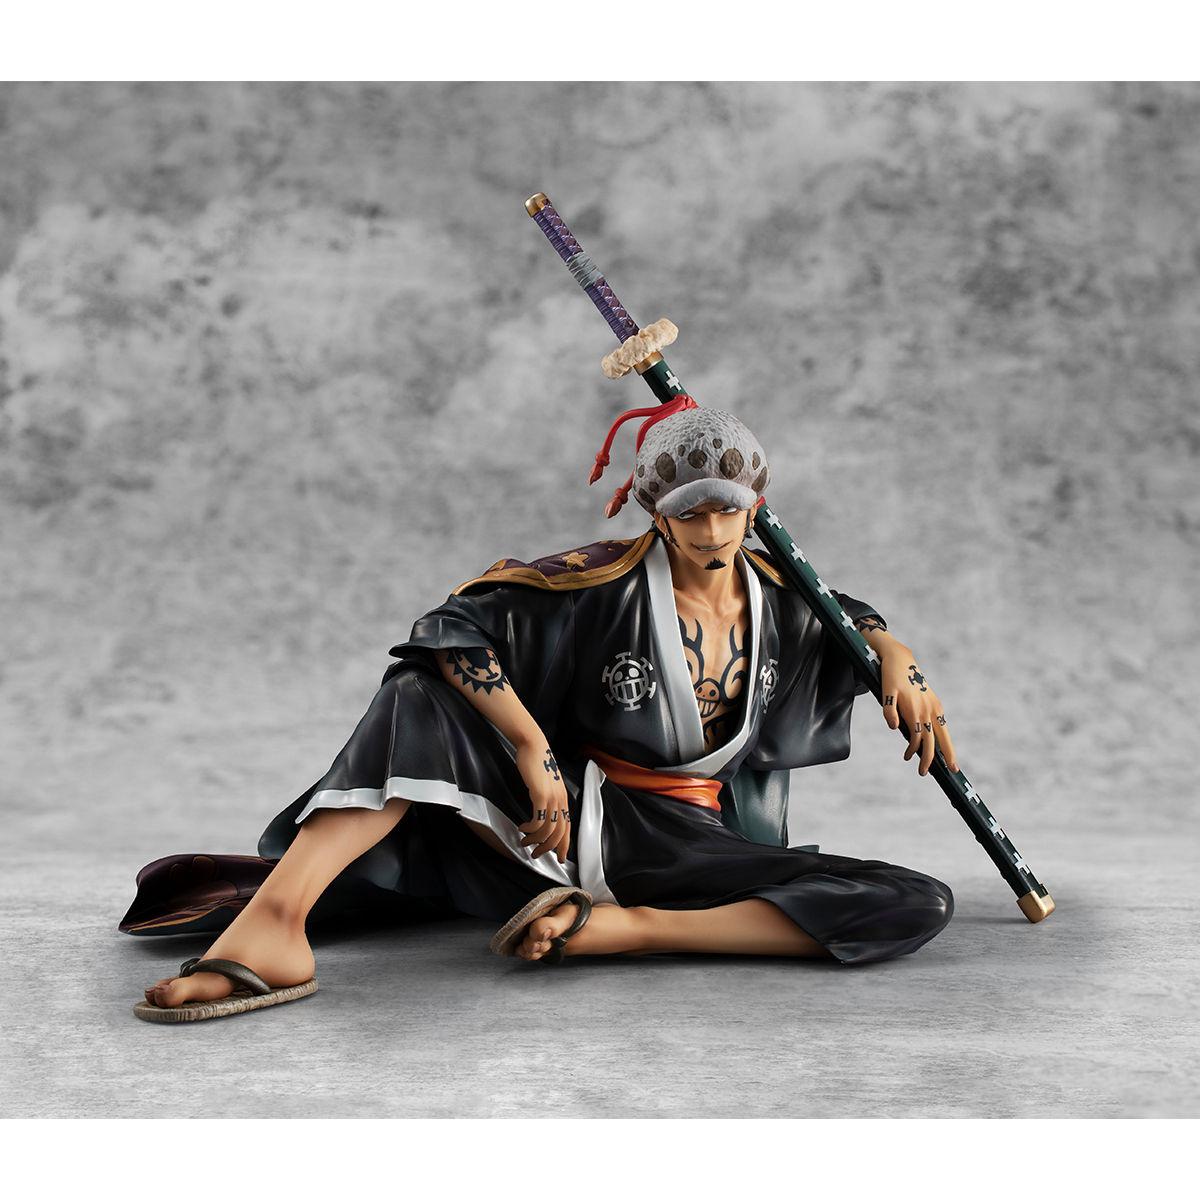 """【限定販売】Portrait.Of.Pirates ワンピース """"Warriors Alliance""""『トラファルガー・ロー』完成品フィギュア-003"""